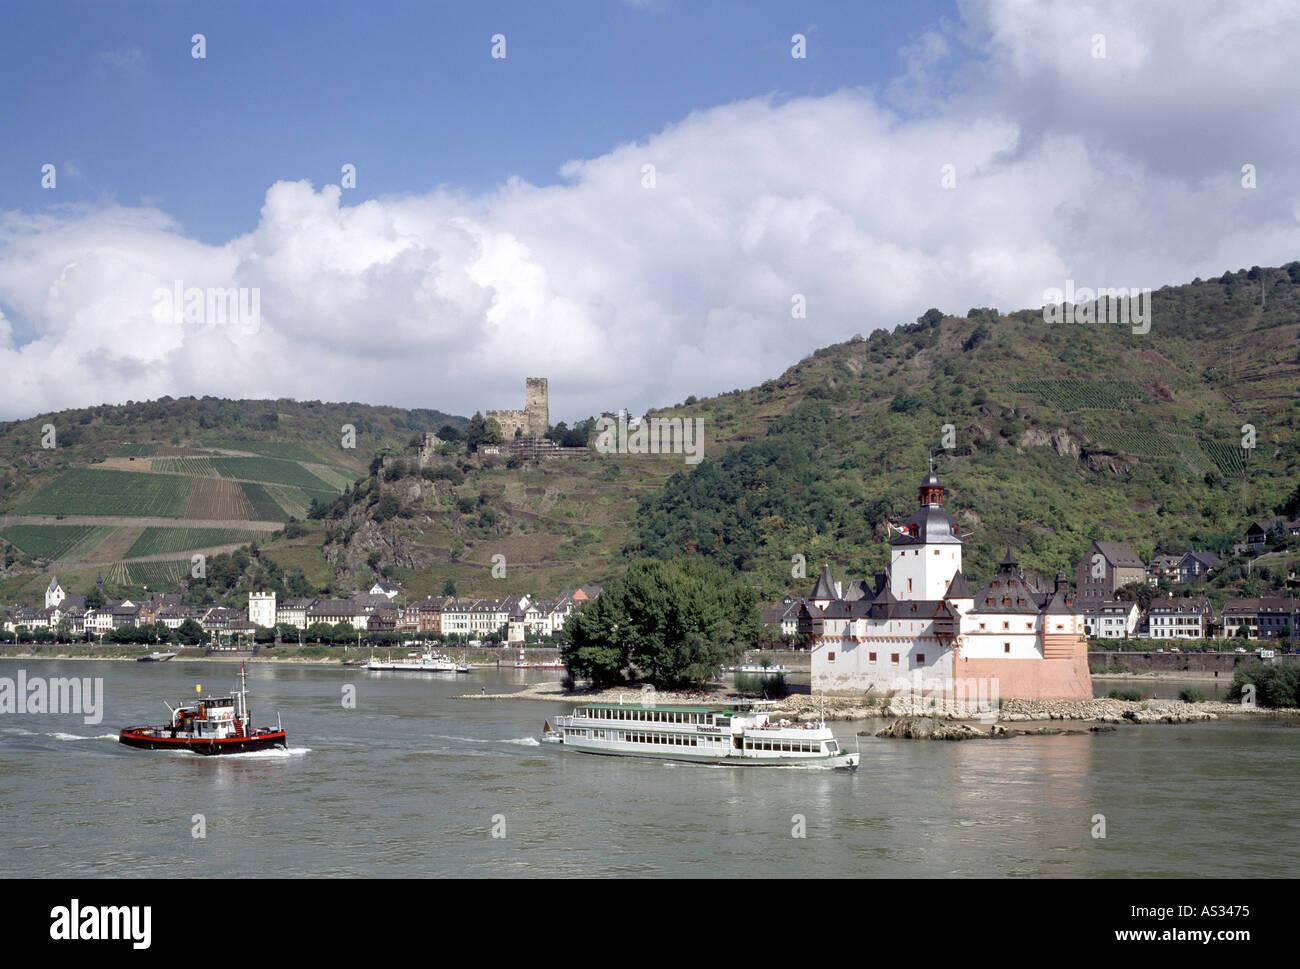 Kaub, Pfalzgrafenstein und Burg Gutenfels, Blick von der linken Rheinseite - Stock Image